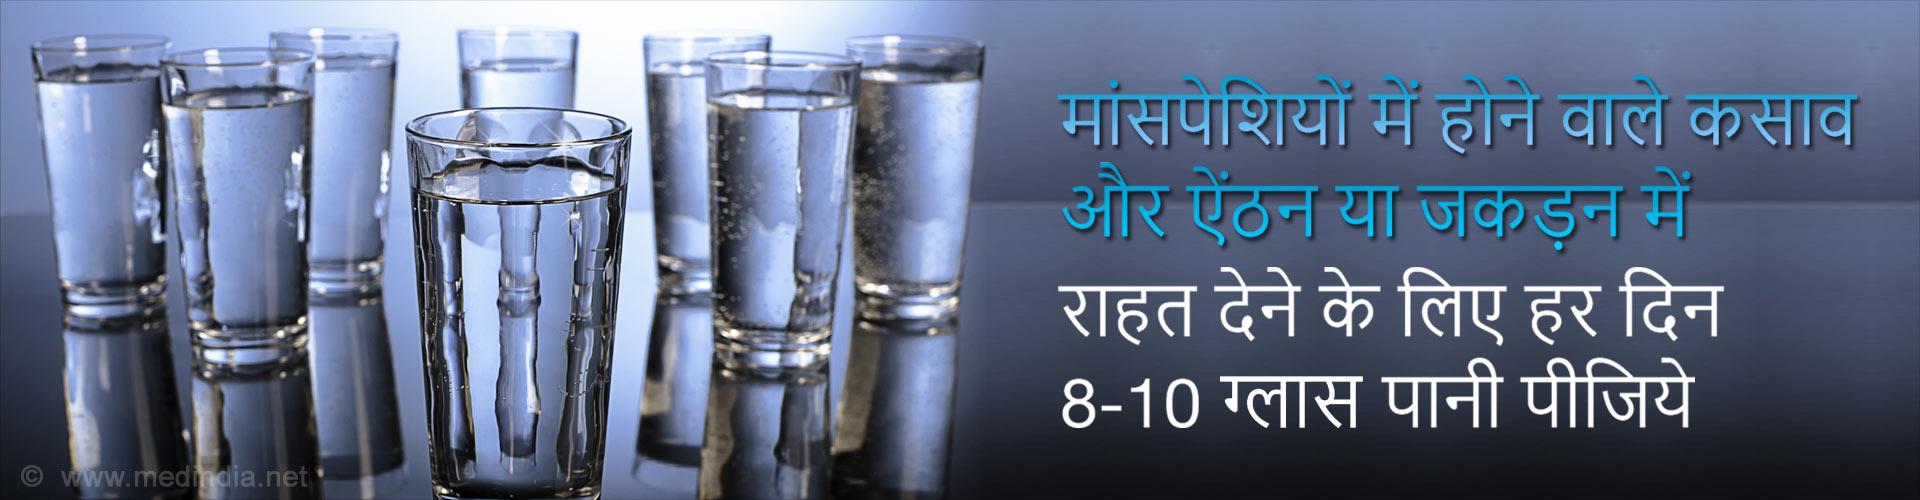 मांसपेशियों में होने वाले कसाव और ऐंठन या जकड़न में राहत देने के लिए हर दिन 8-10 गिलास पानी पीजिये